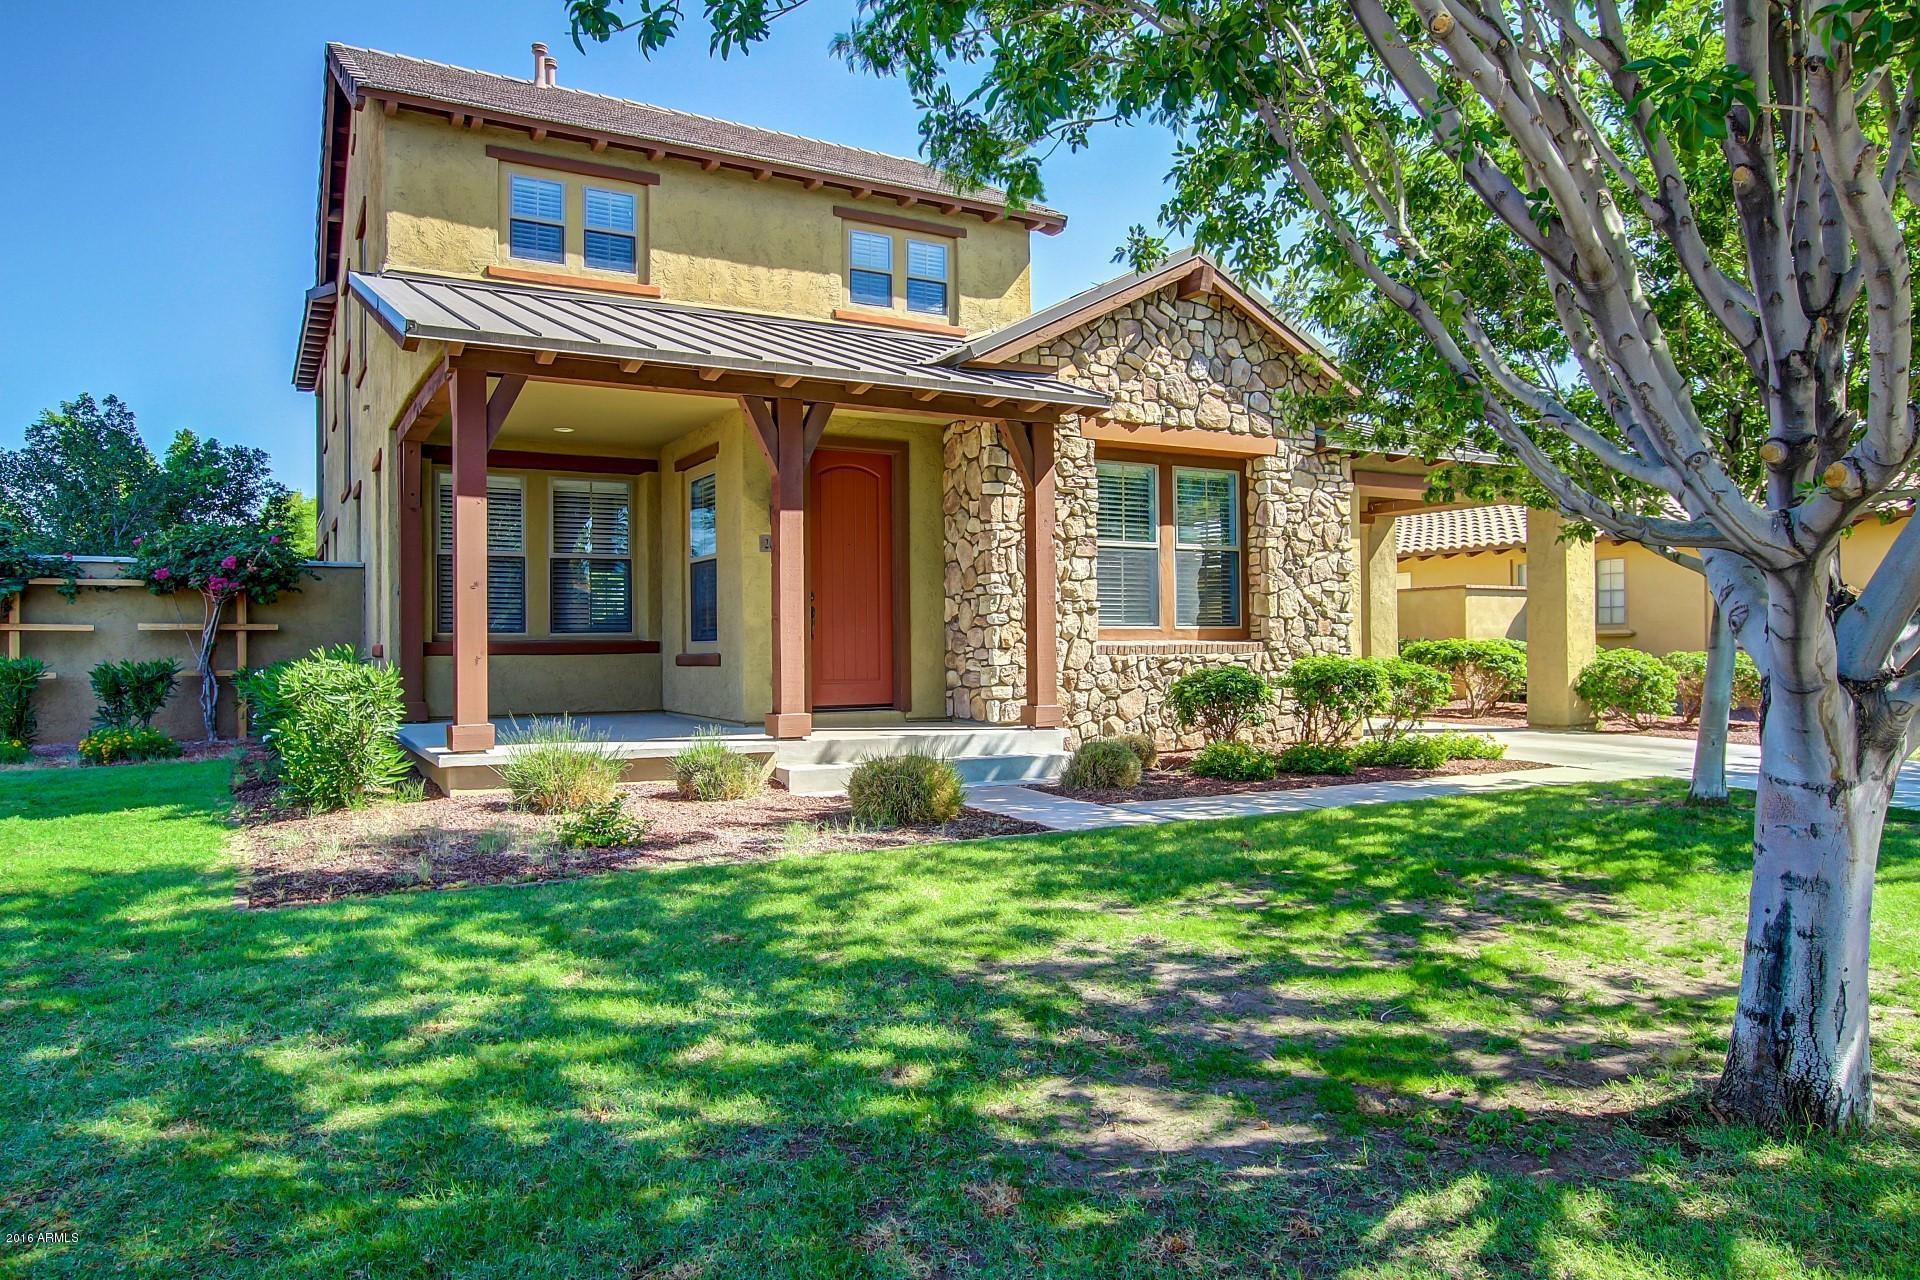 MLS 6119841 Buckeye Metro Area, Buckeye, AZ 85396 Buckeye Homes for Rent